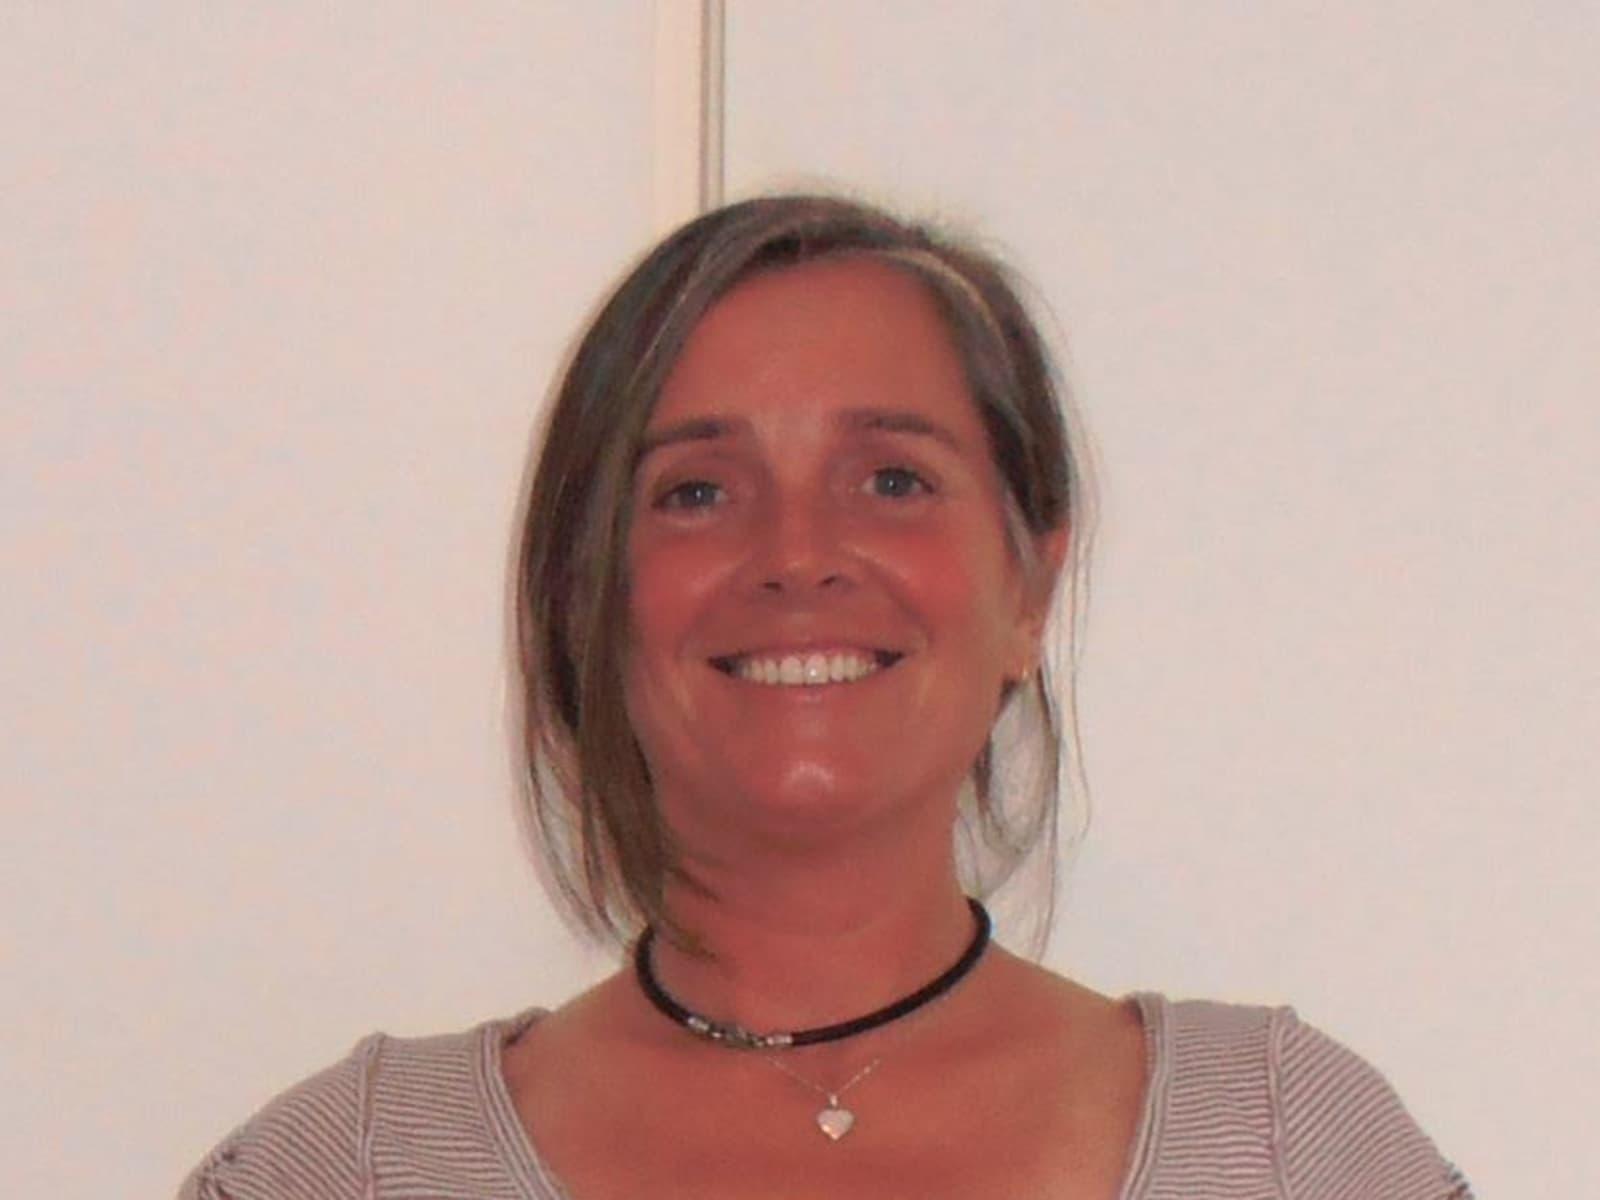 Jill from Melbourne, Victoria, Australia